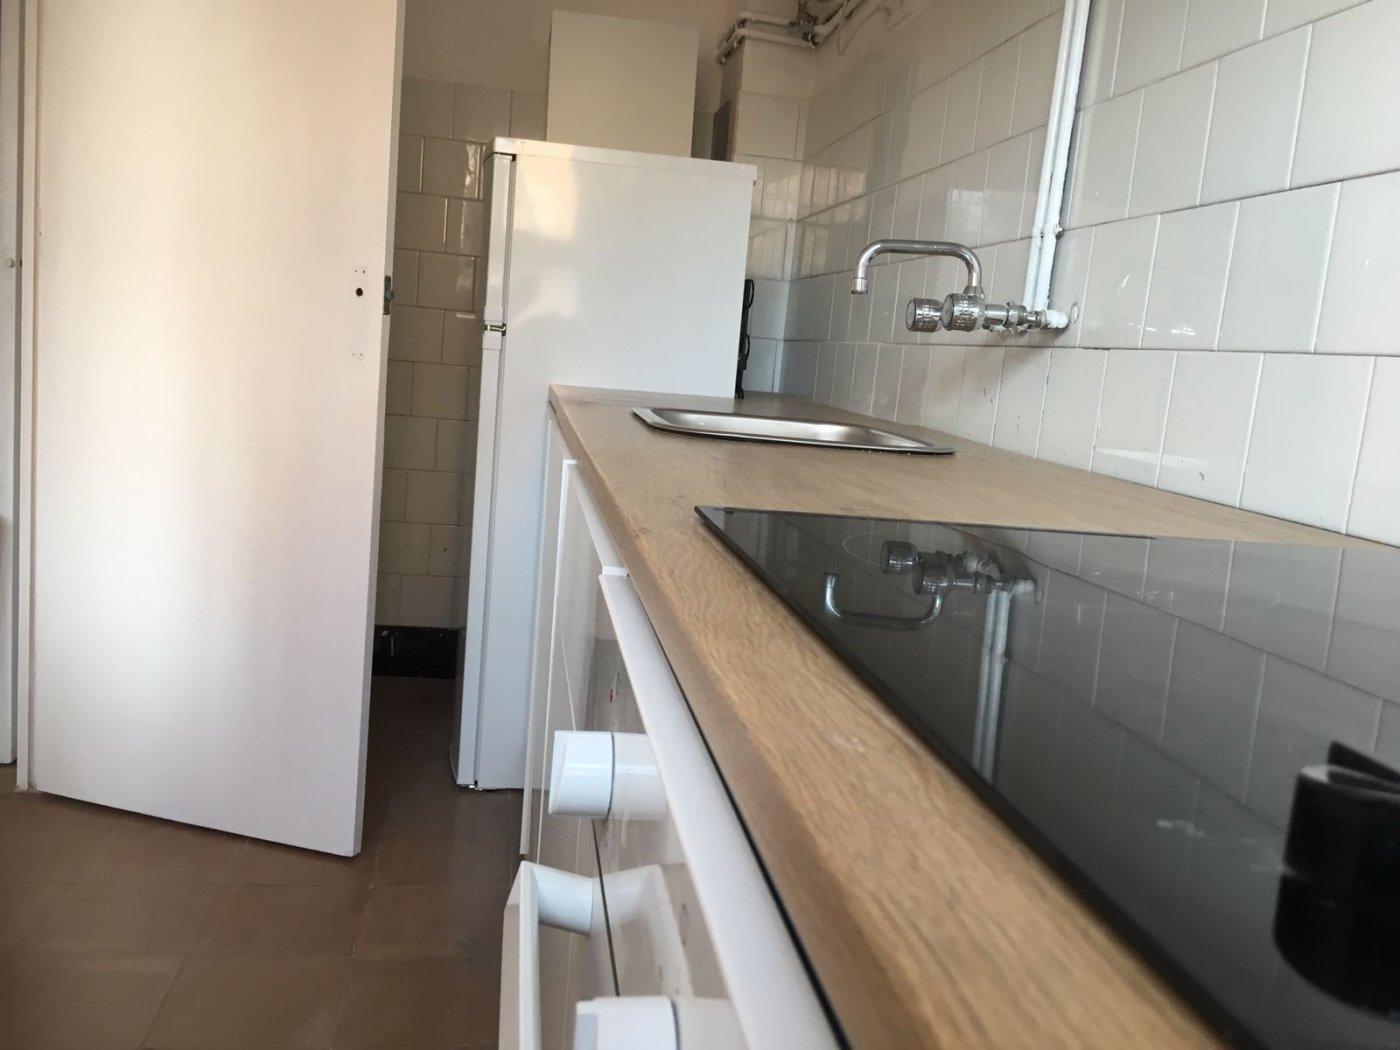 piso en totalmente amueblado y equipado de tres habitaciones en alquiler en manresa